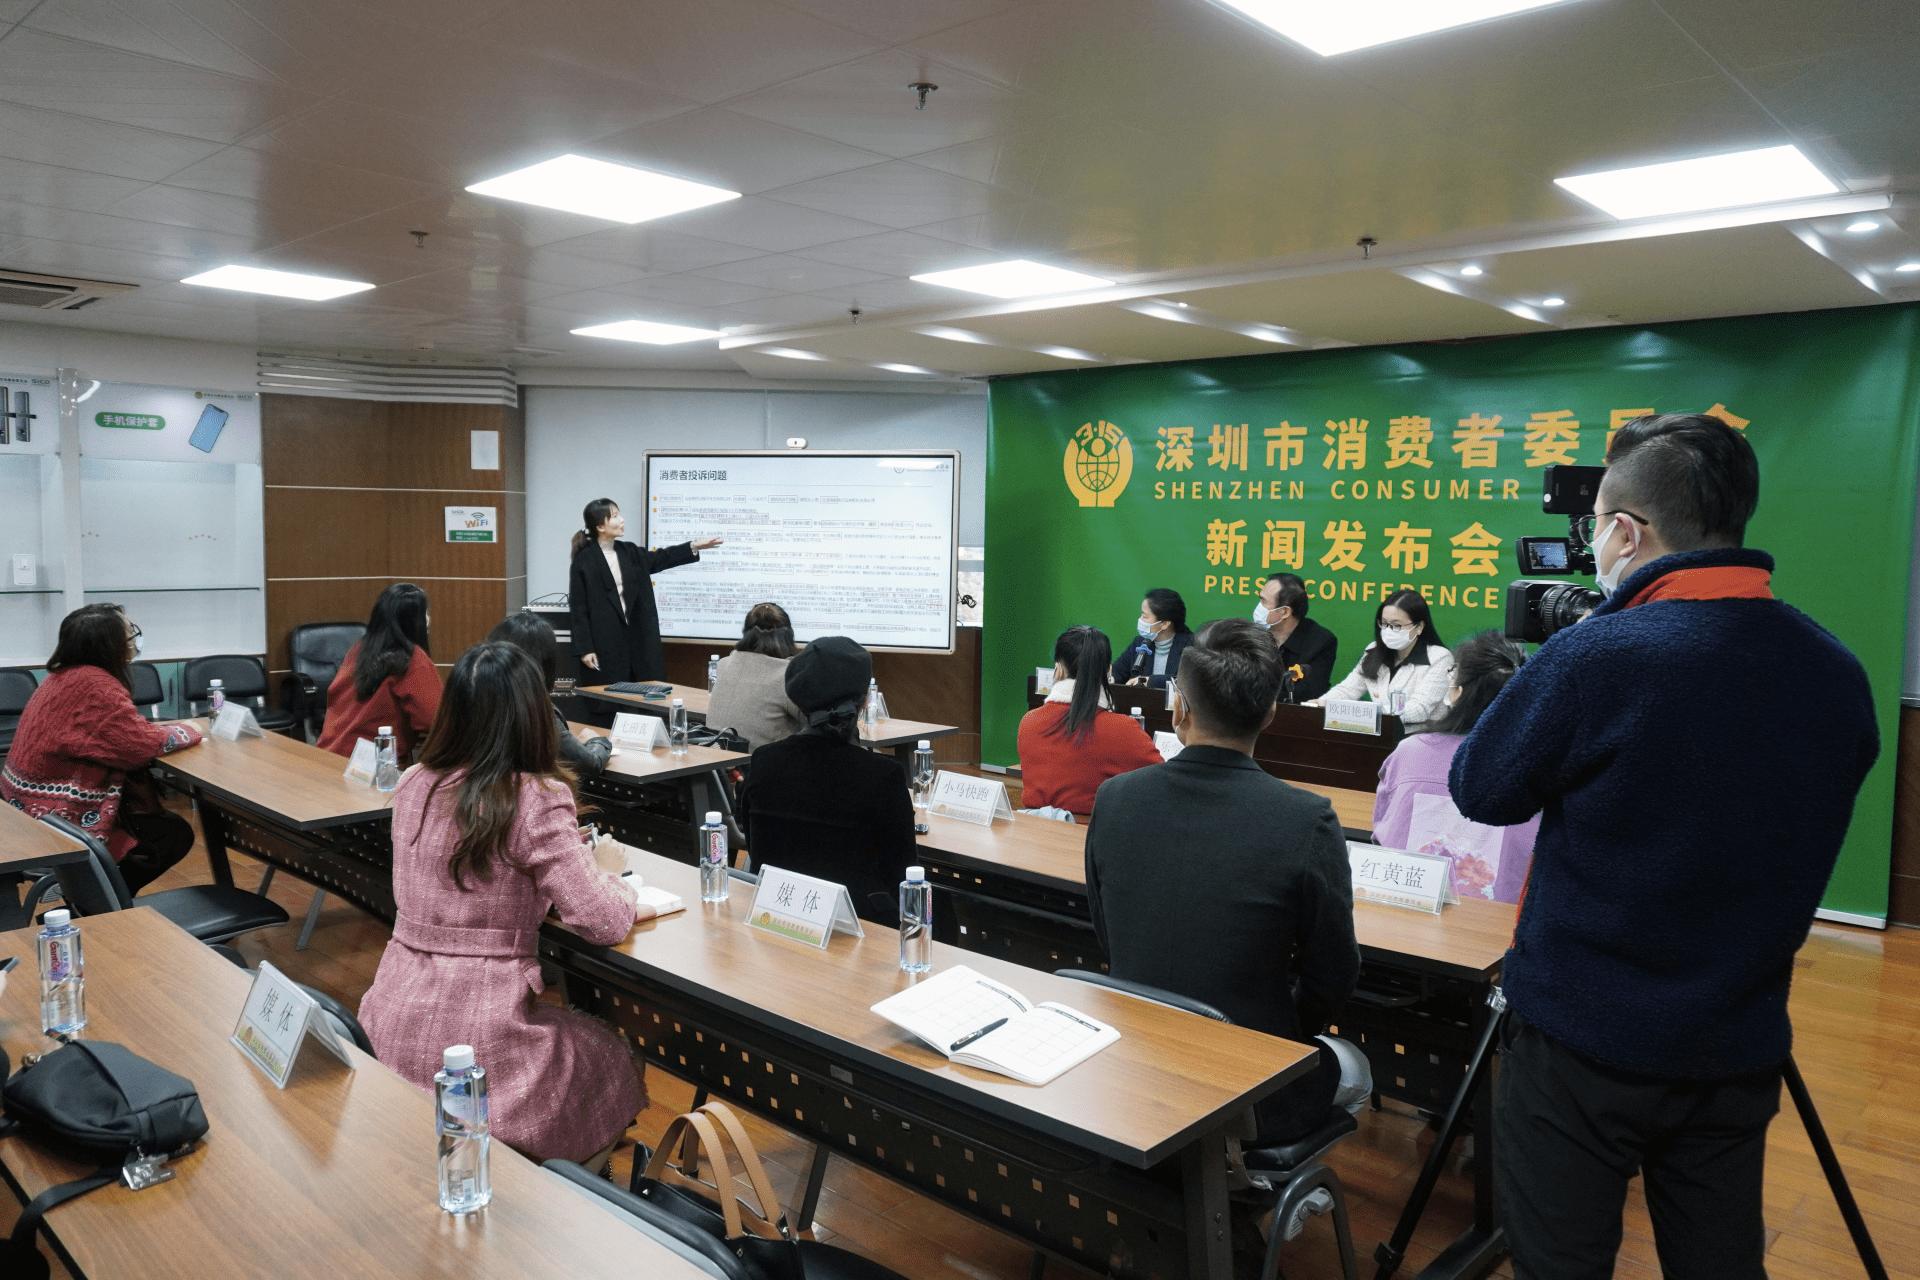 深圳推出全国首个早教行业自律公约:购买课程七天内未消费,可全额退款